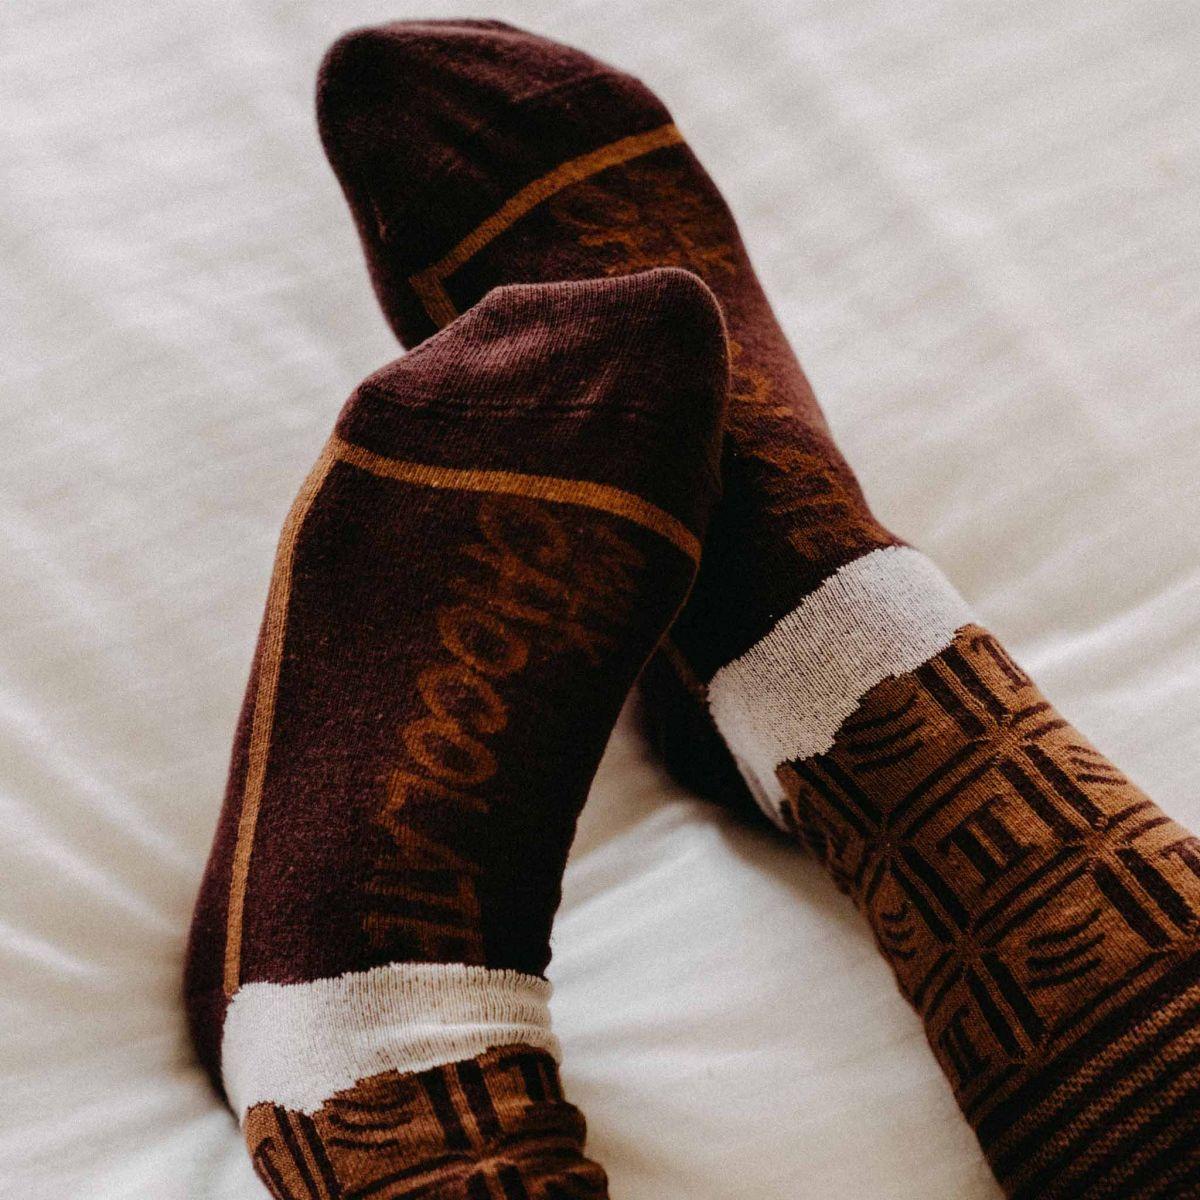 Ponožky - Čokoláda v dárkové krabičce p2